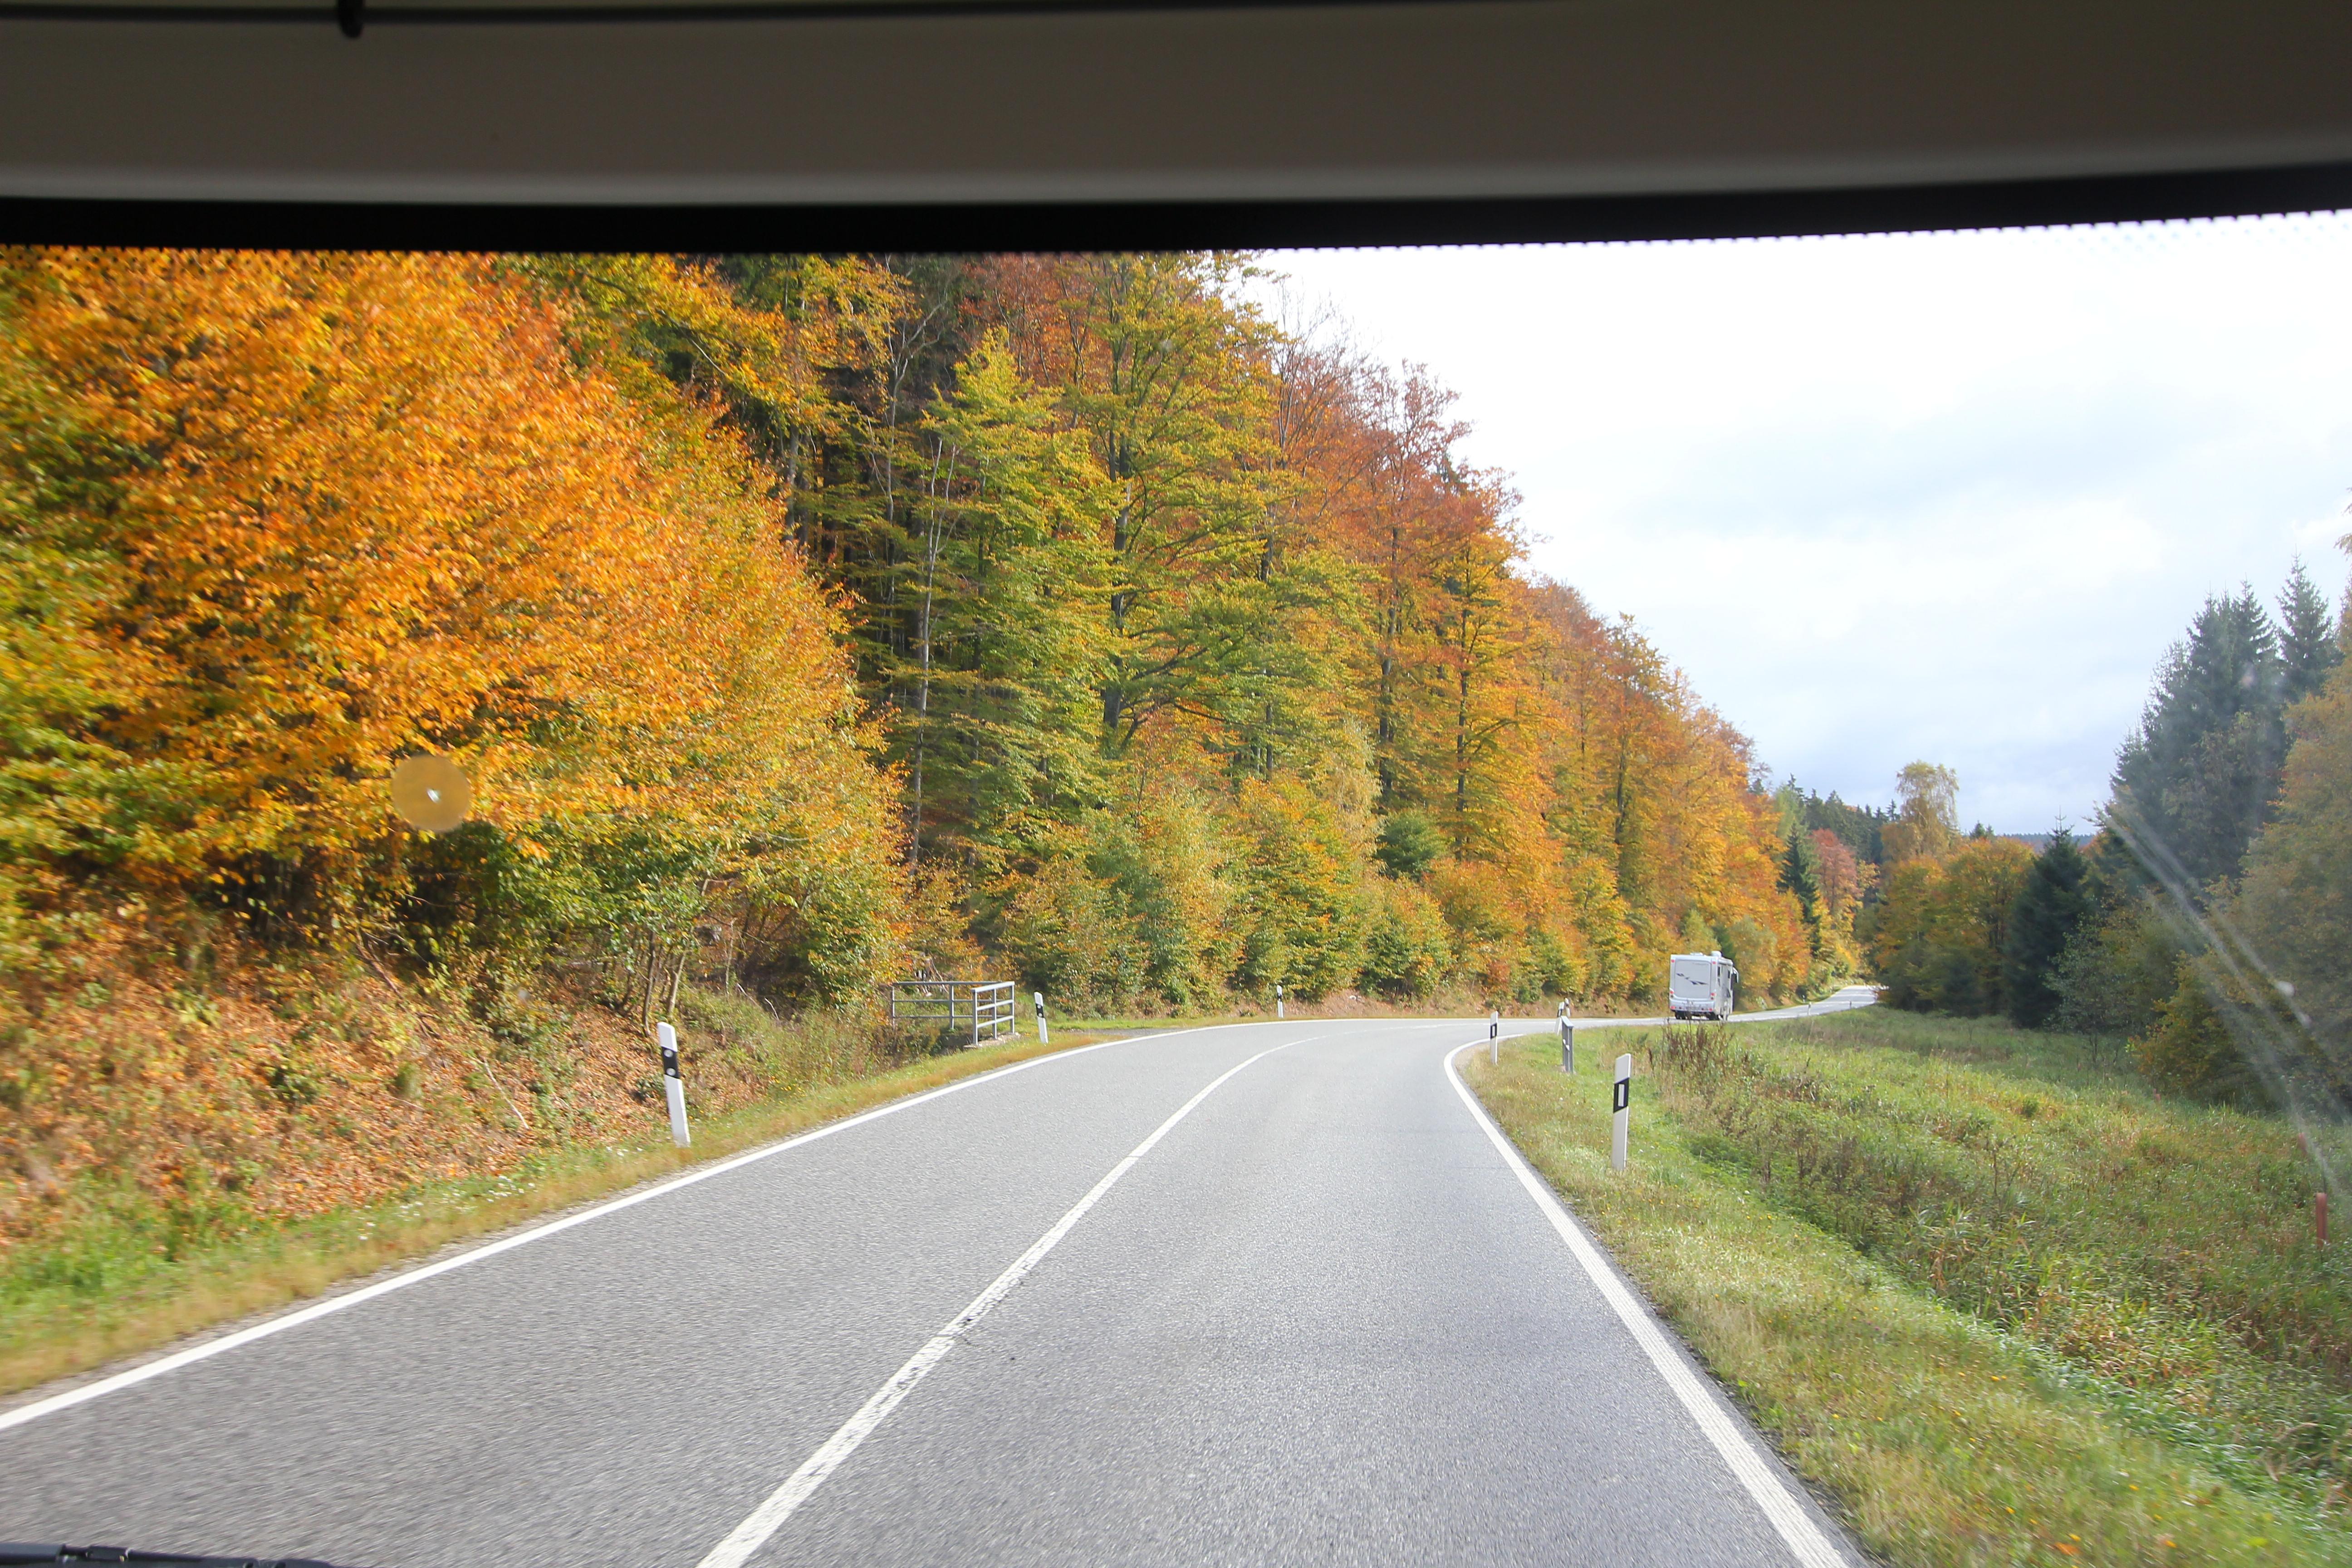 Næste morgen siger vi farvel til Inge og Bjarne som skal videre til Phønix fabrikken for at bestille nye autocampere, mens Lisbeth og jeg skal hjem og skrive artikler til Campingferie bladet og internettet. Husk næste gang du kører gennem Tyskland at unde dig selv en tur af de mindre veje.